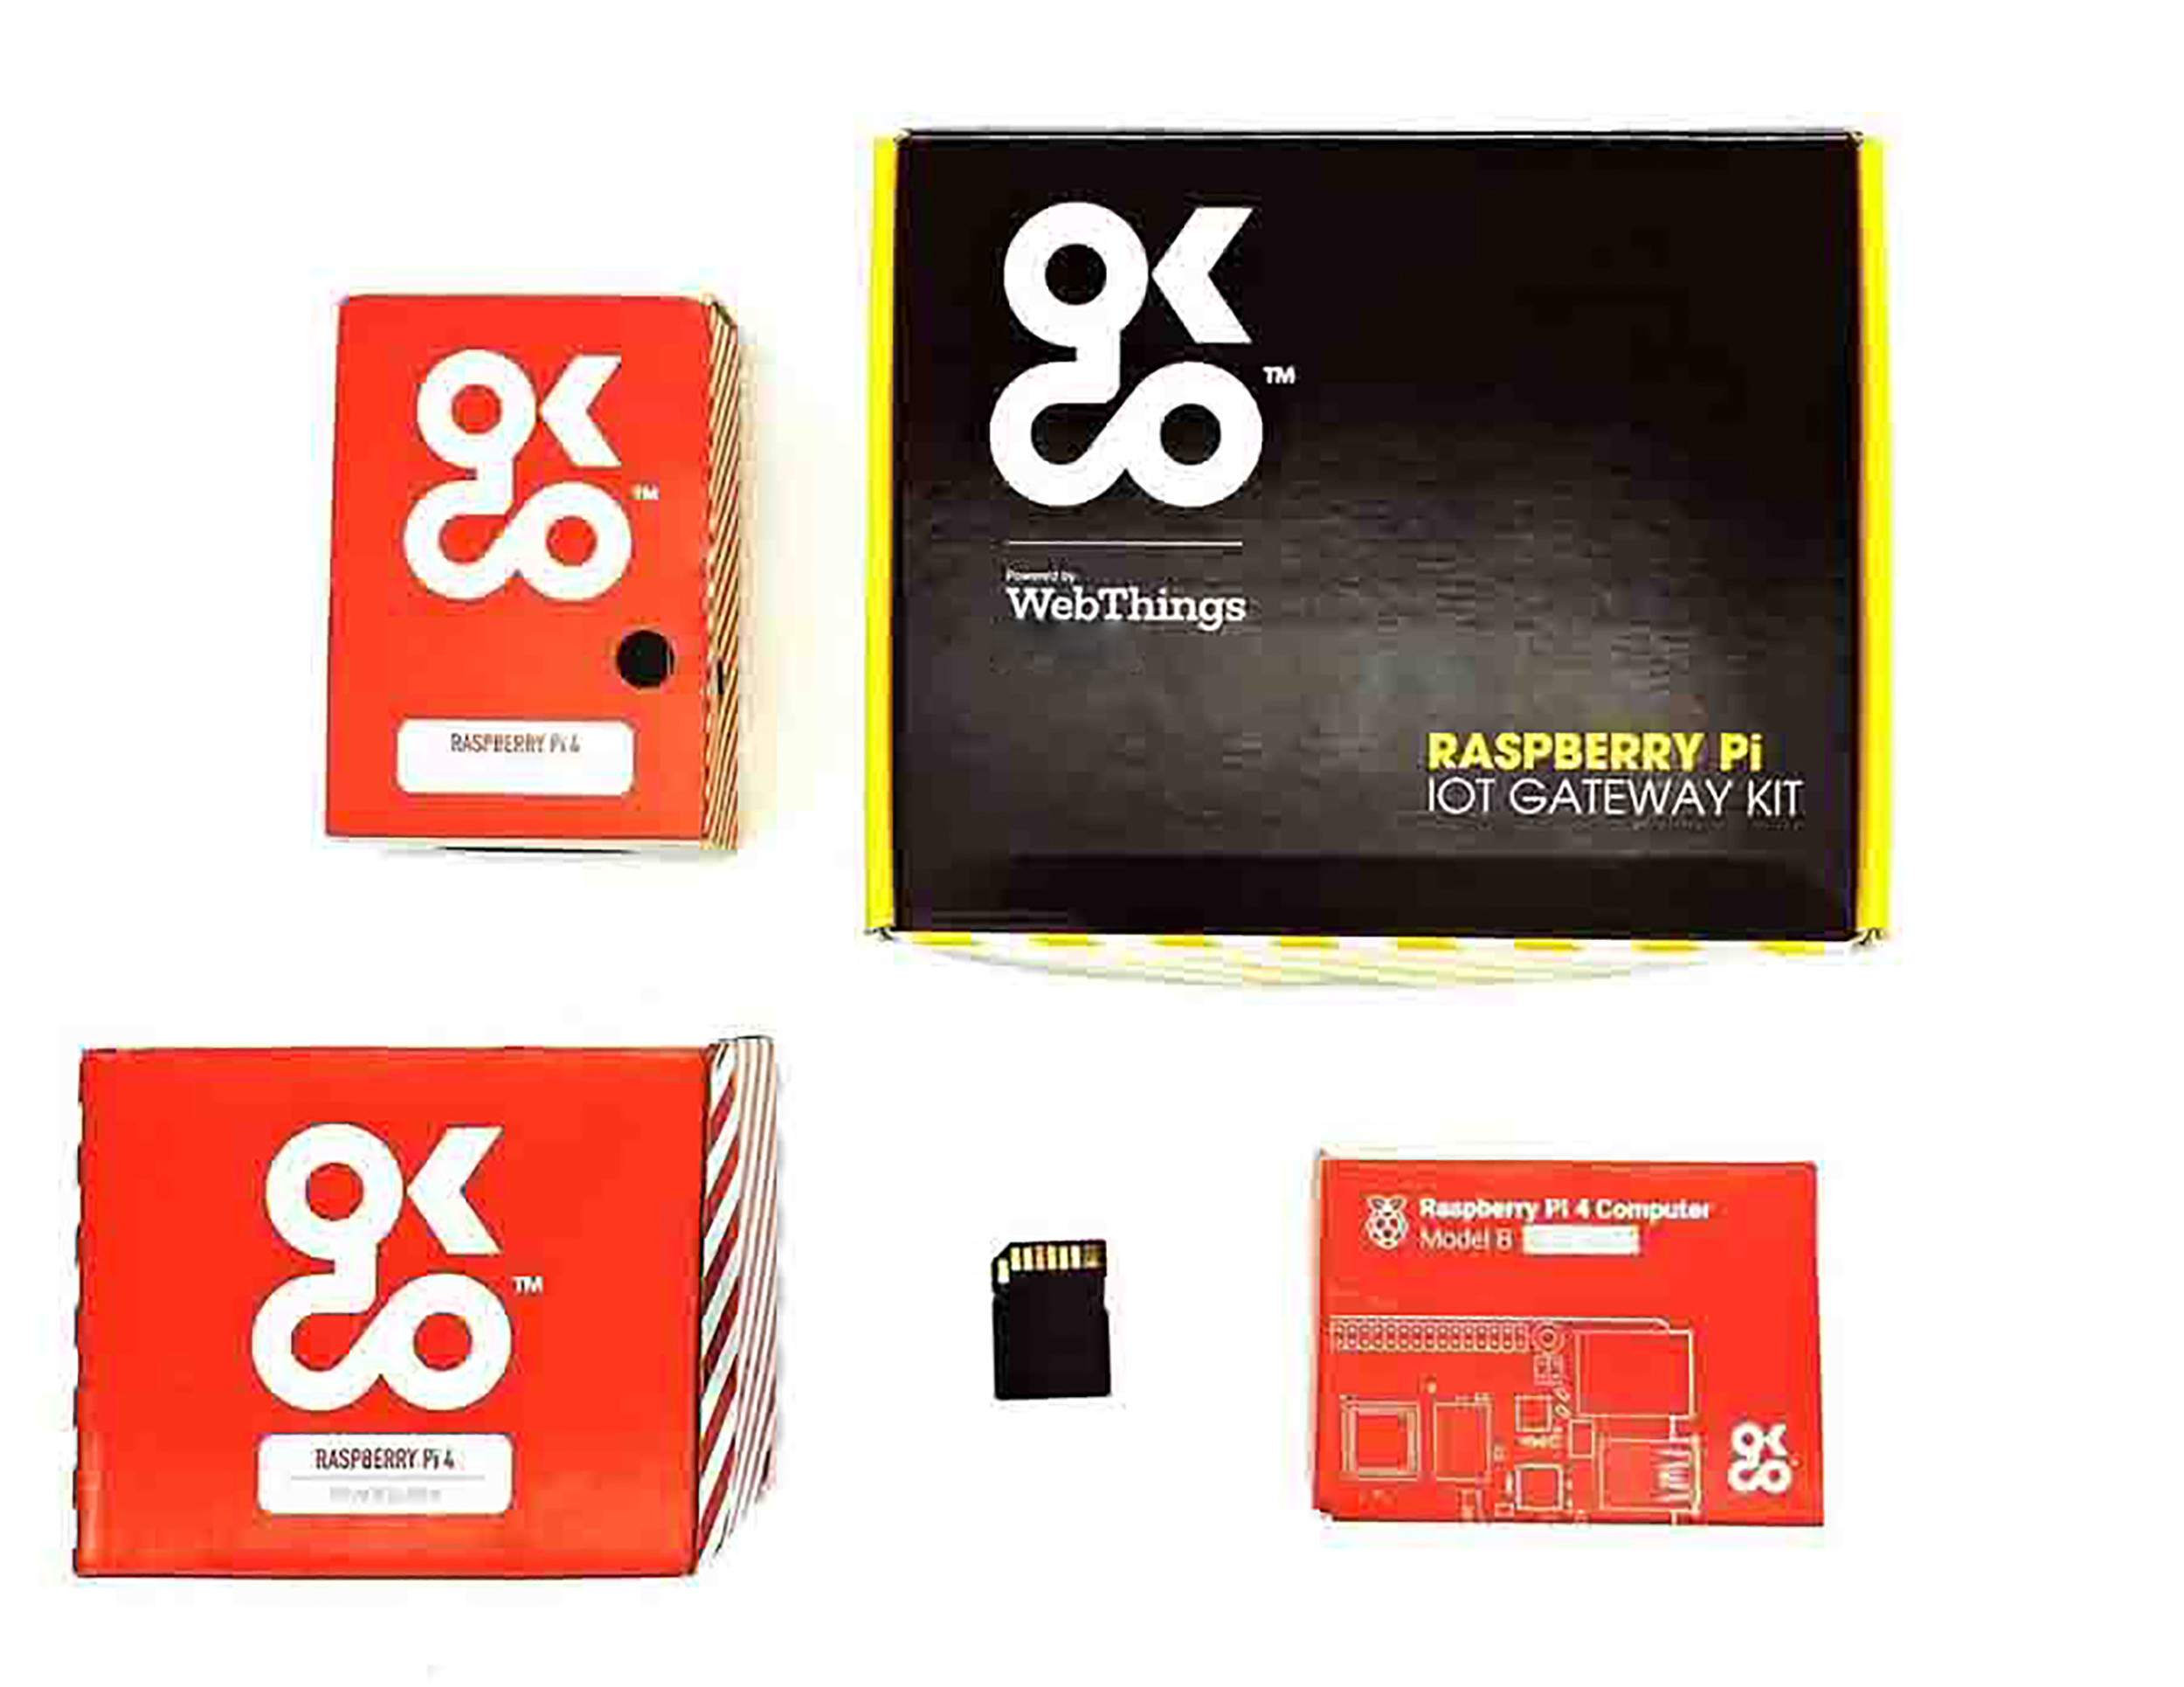 WebThings Gateway Kit